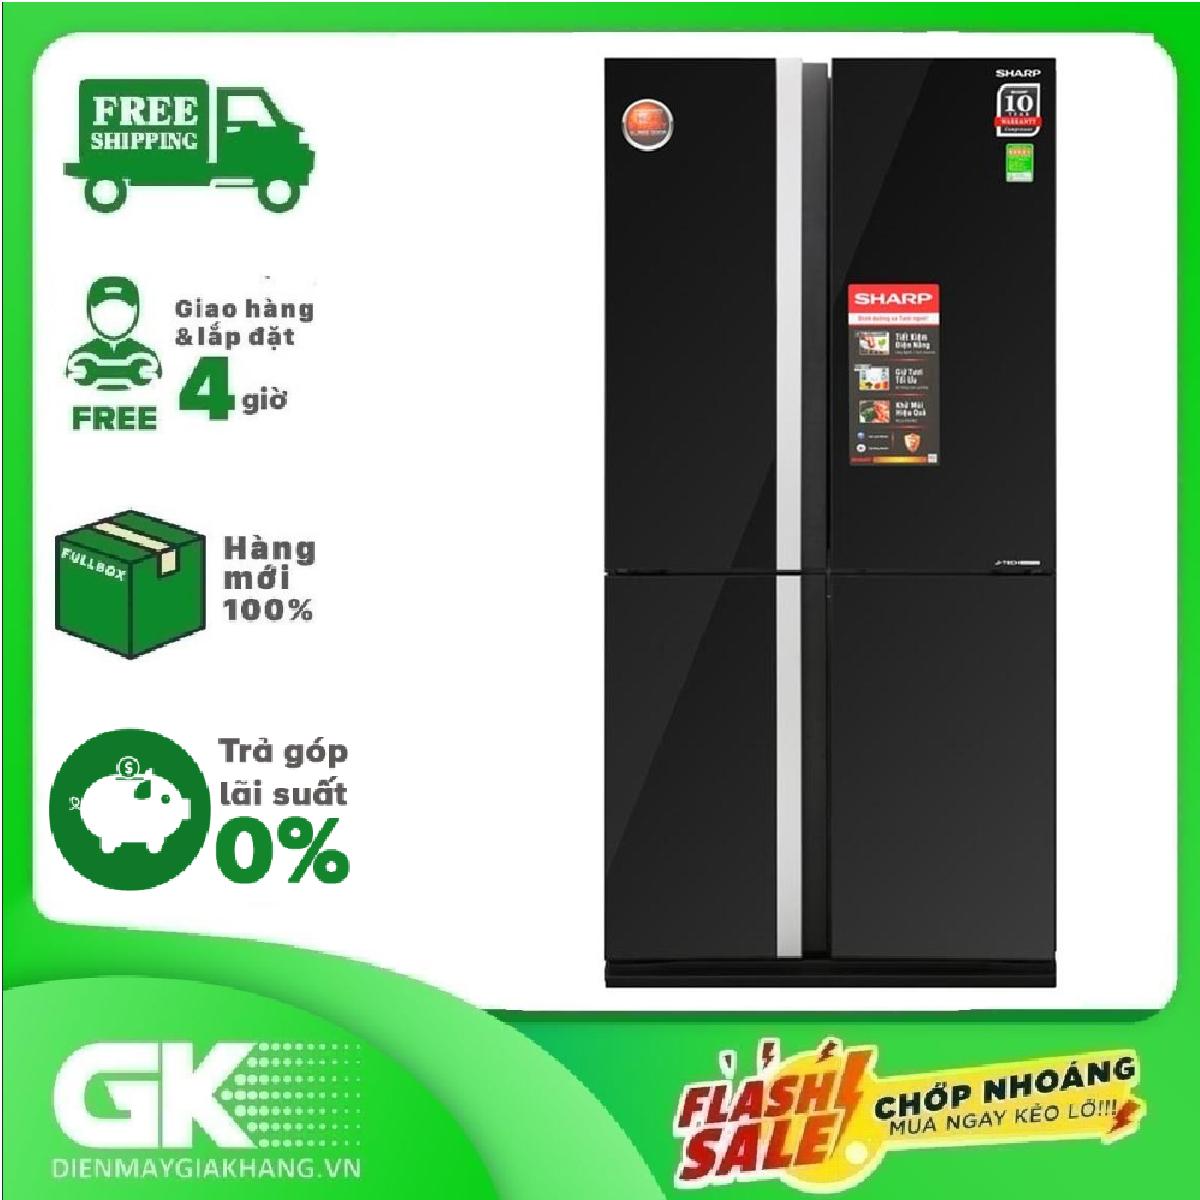 TRẢ GÓP 0% – Tủ lạnh Sharp Inverter 605 lít SJ-FX688VG-BK Mẫu 2019- Bảo hành 12 tháng